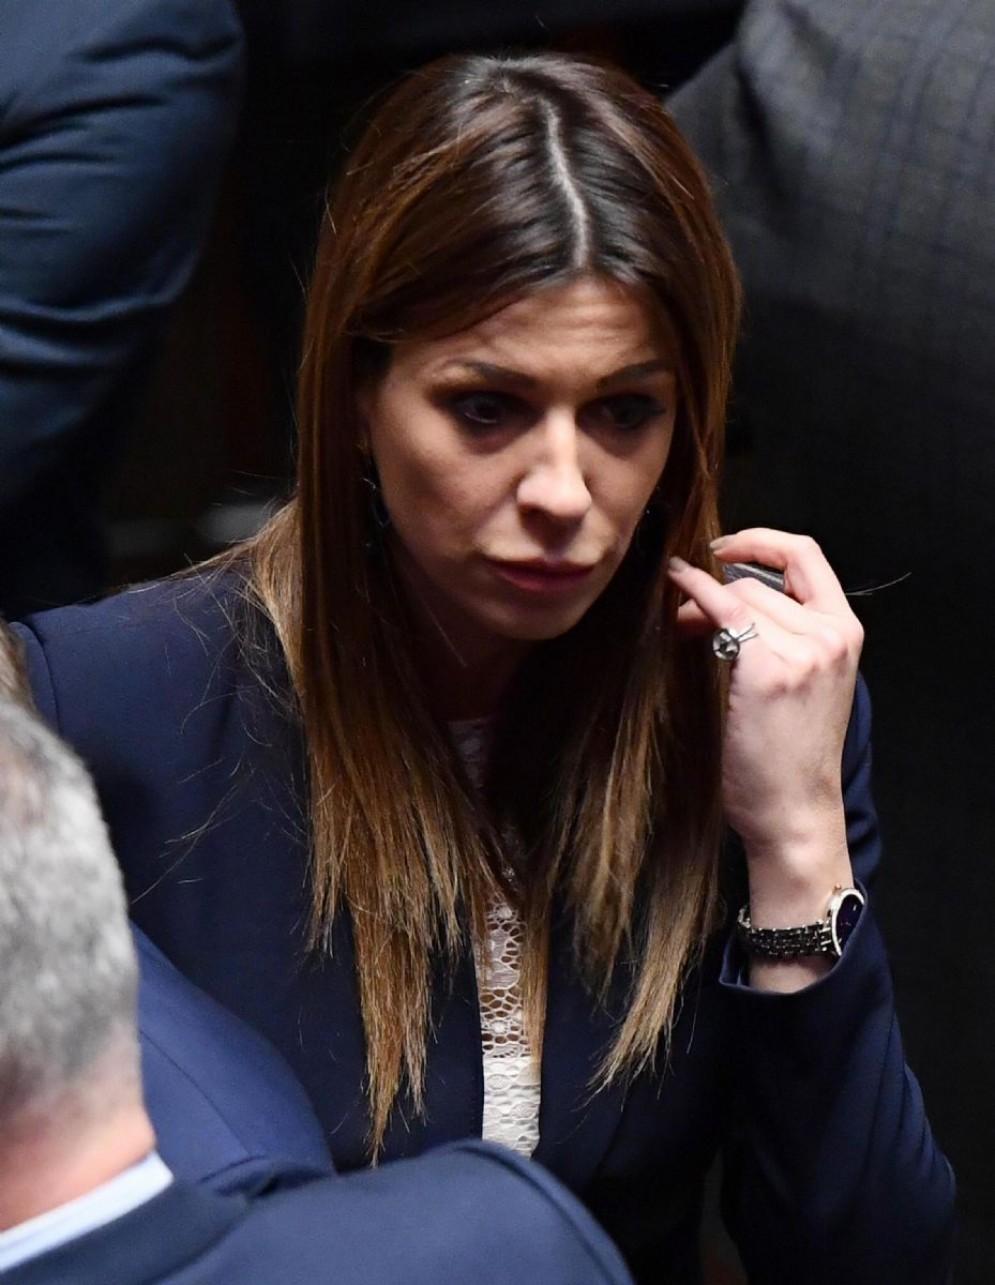 La deputata di Forza Italia Matilde Siracusano nell'Aula della Camera